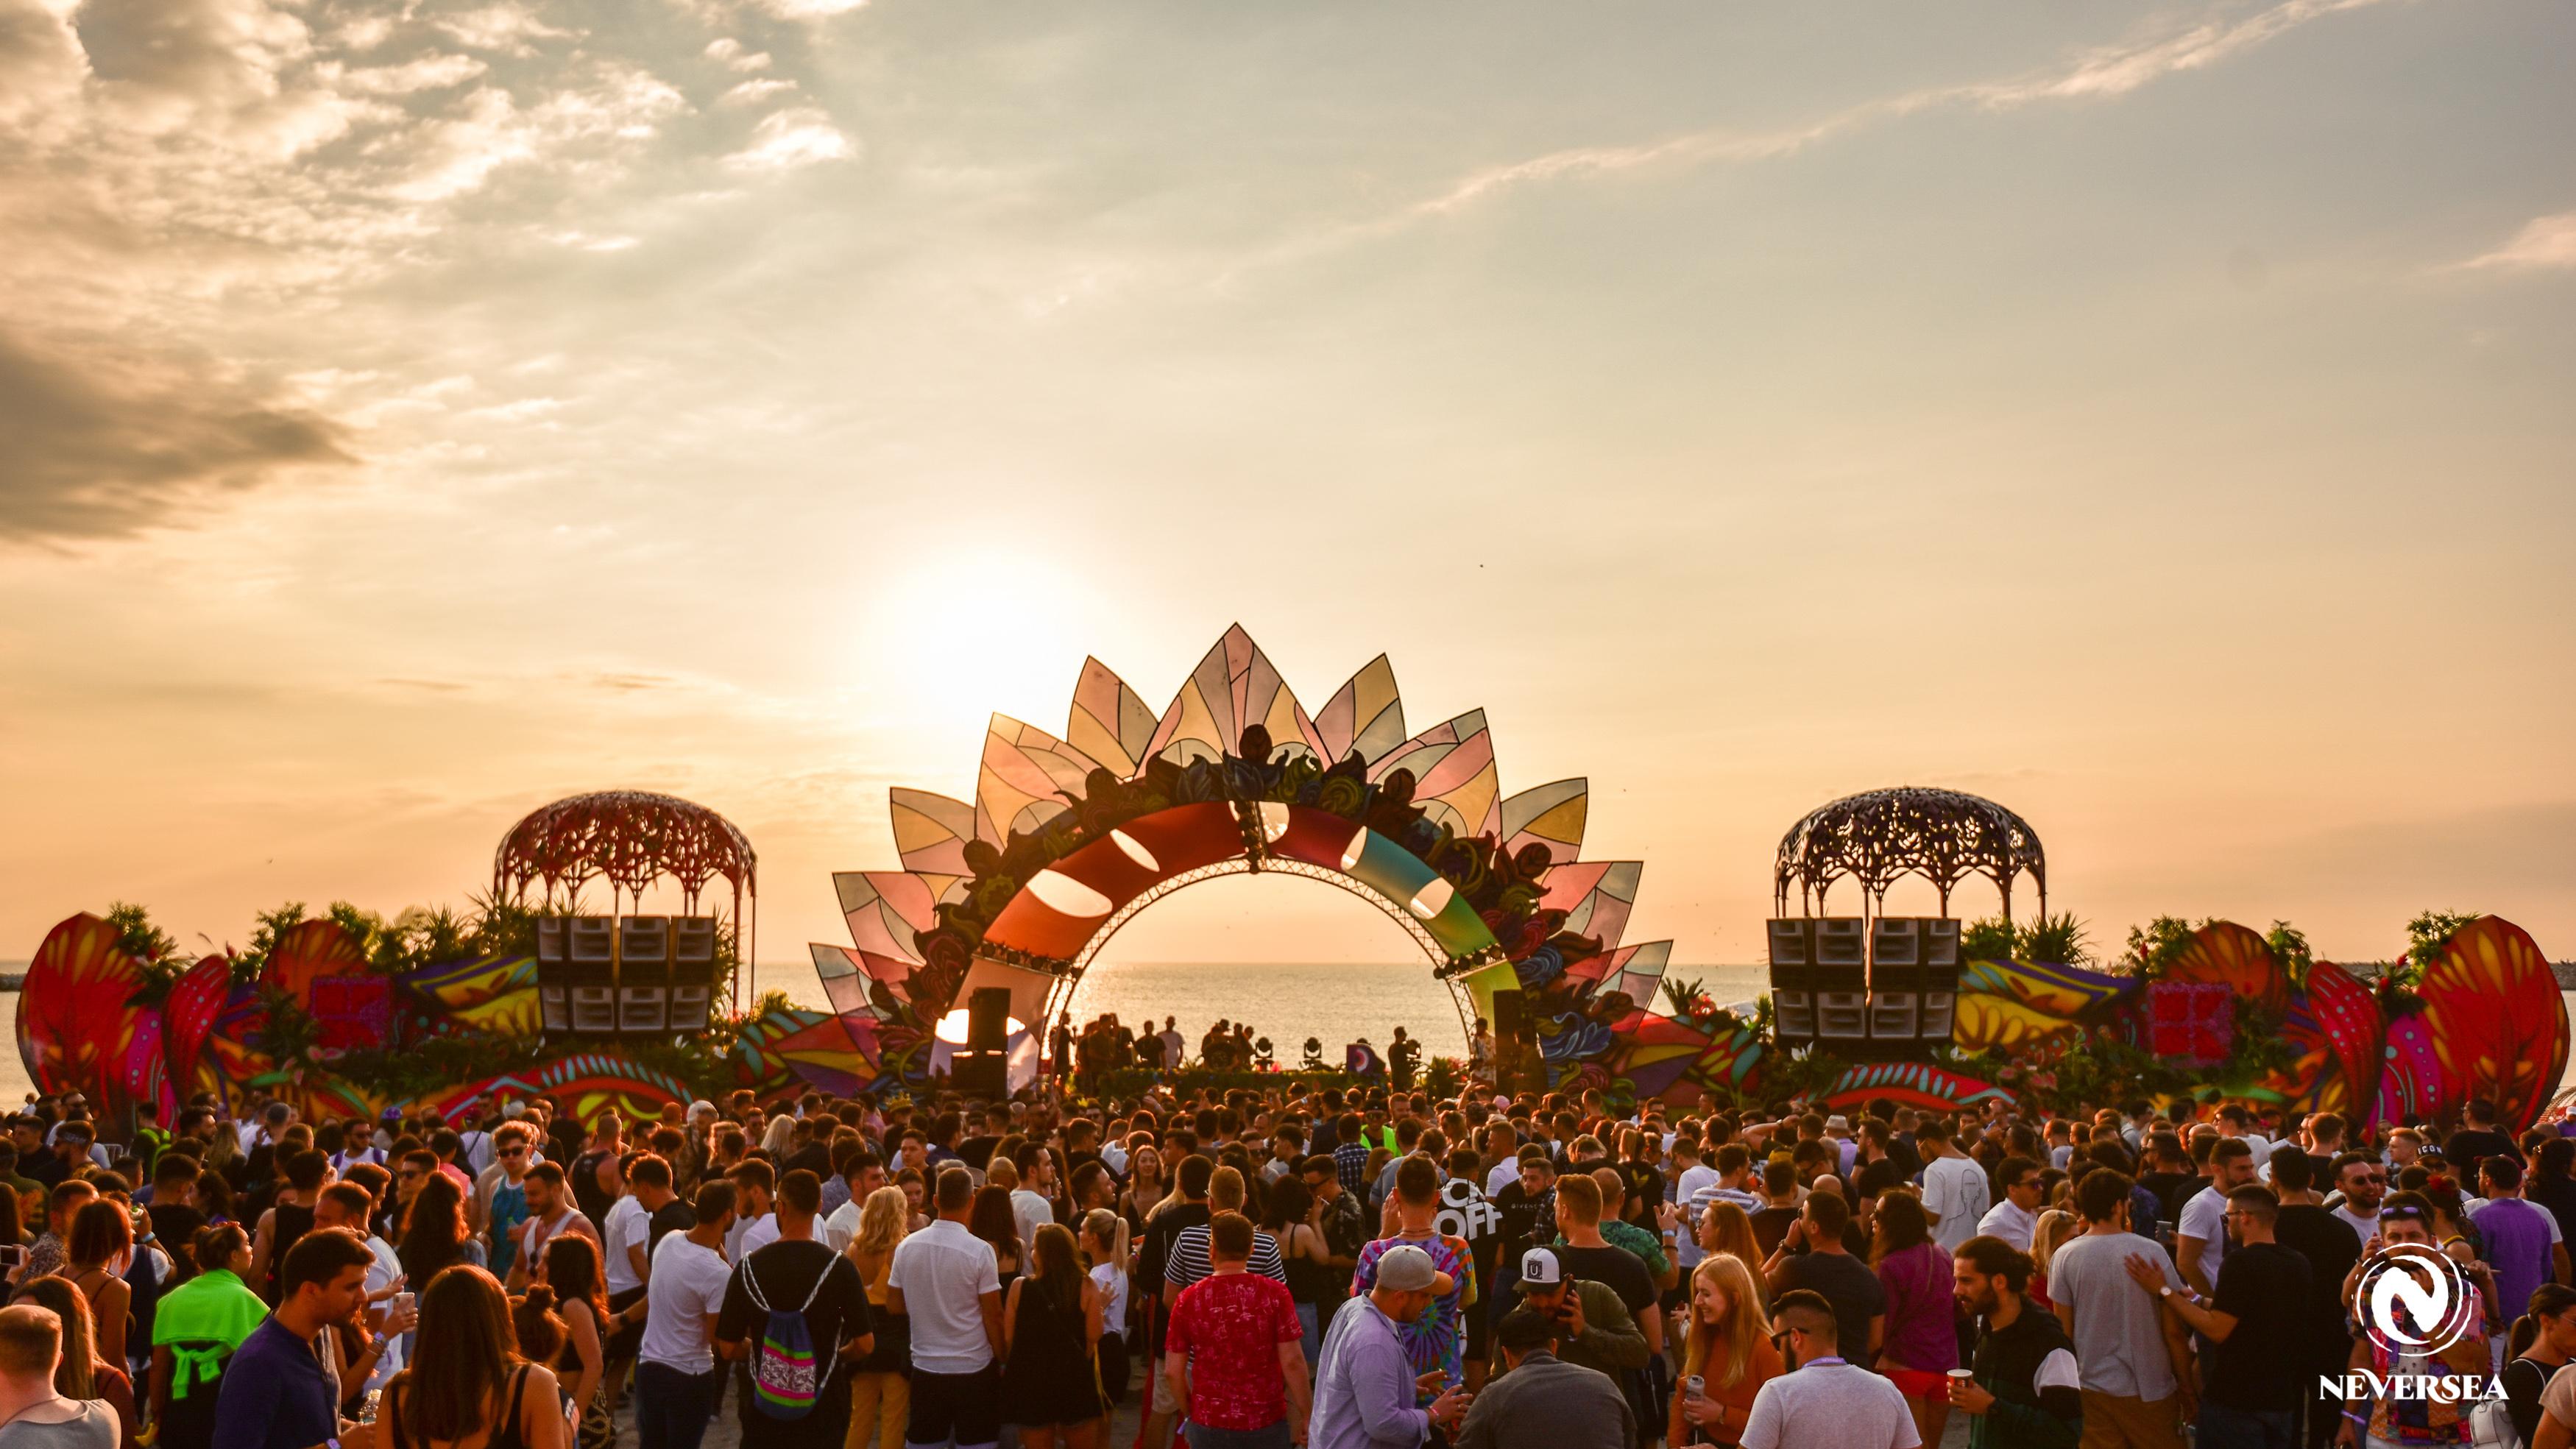 NEVERSEA festival